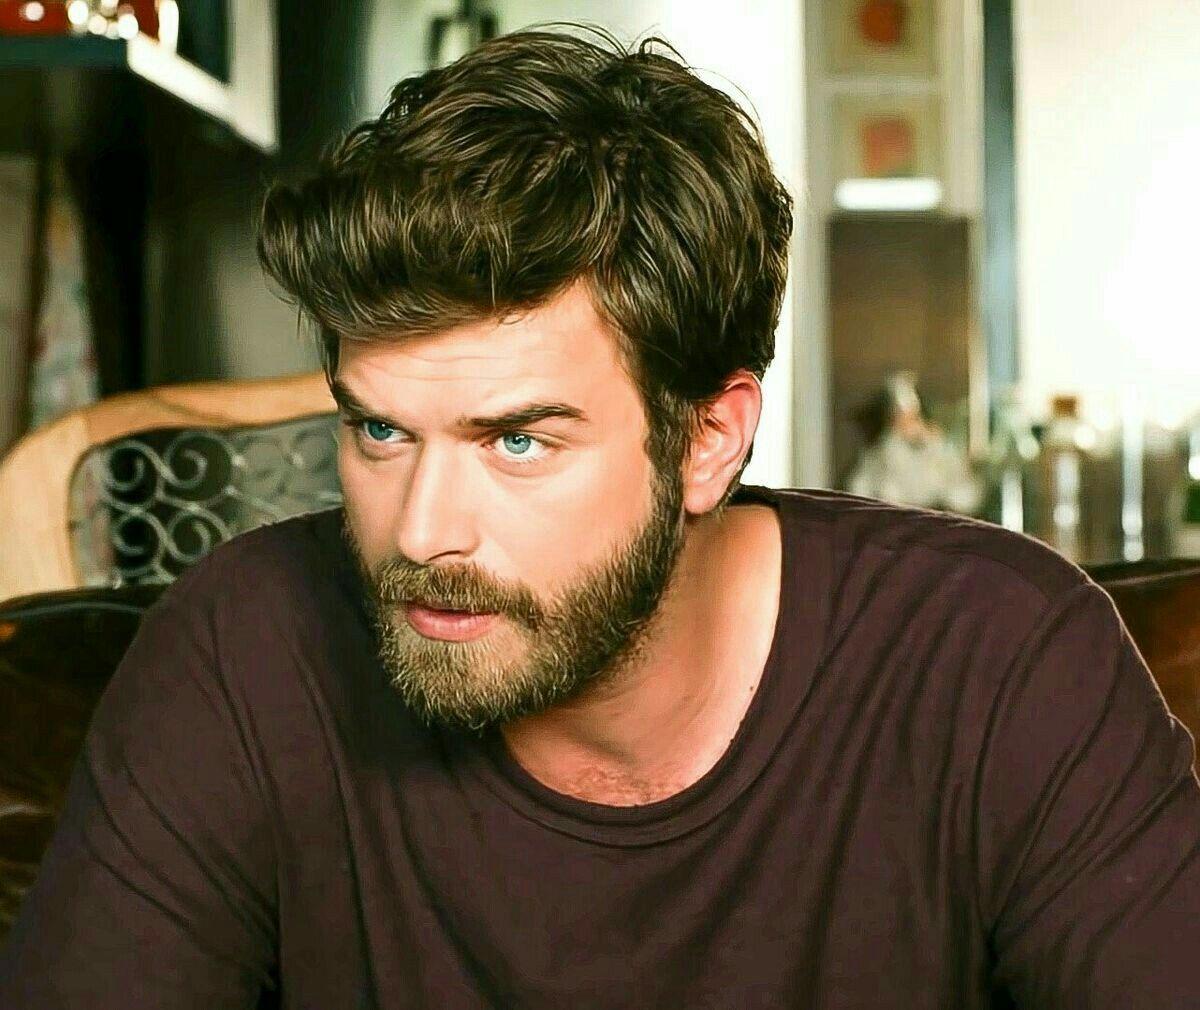 Pin By Bareera On Turkish Actors Actress Dark Hair Blue Eyes Blue Eyed Men Kivanc Tatlitug